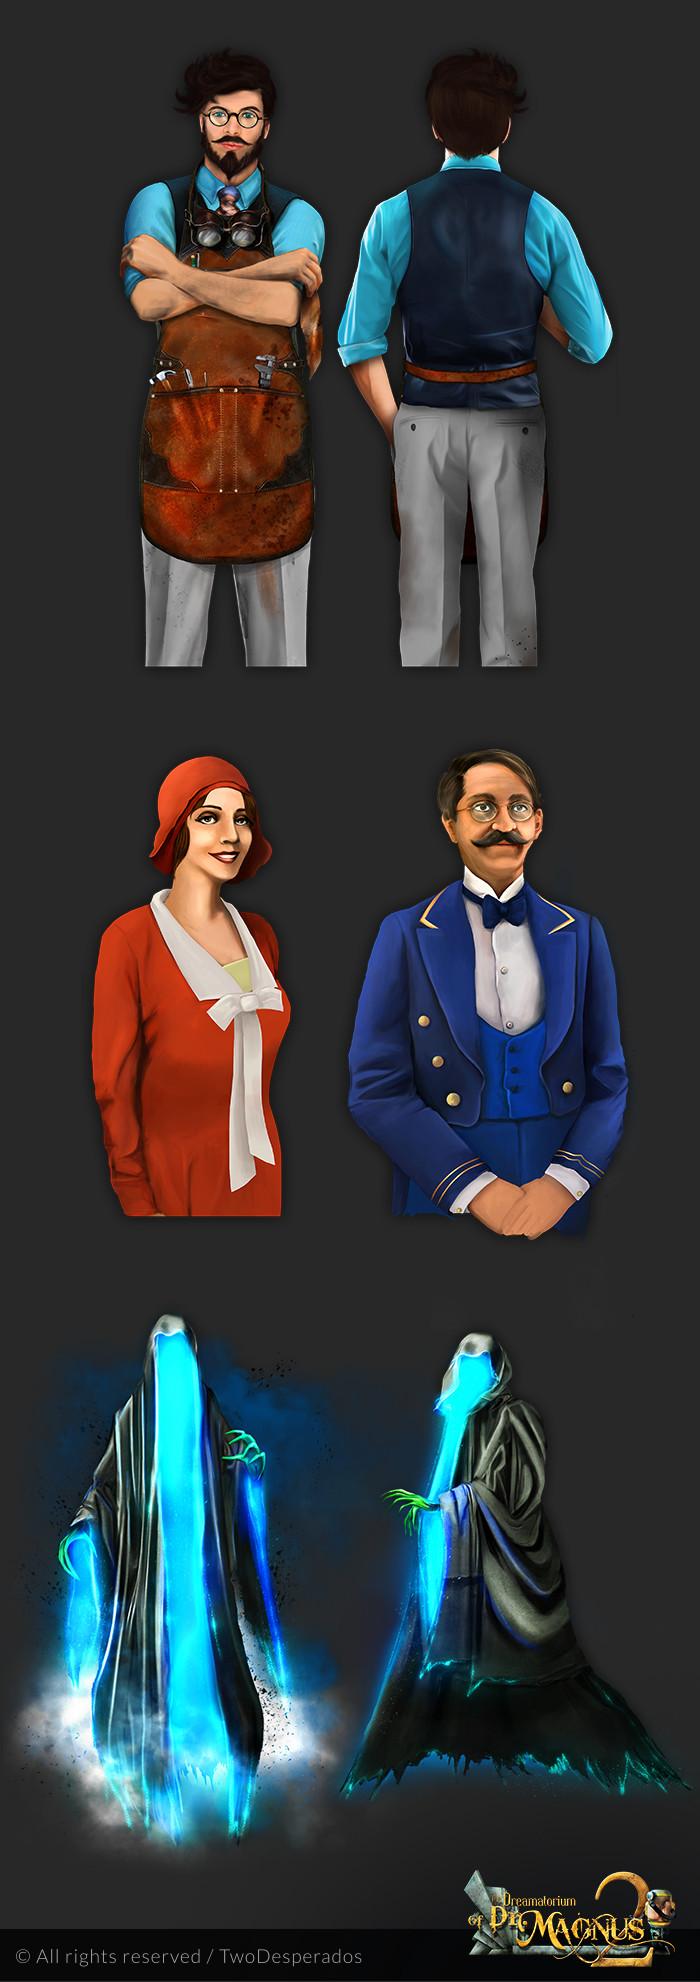 Milica todorovic magnus2 characters